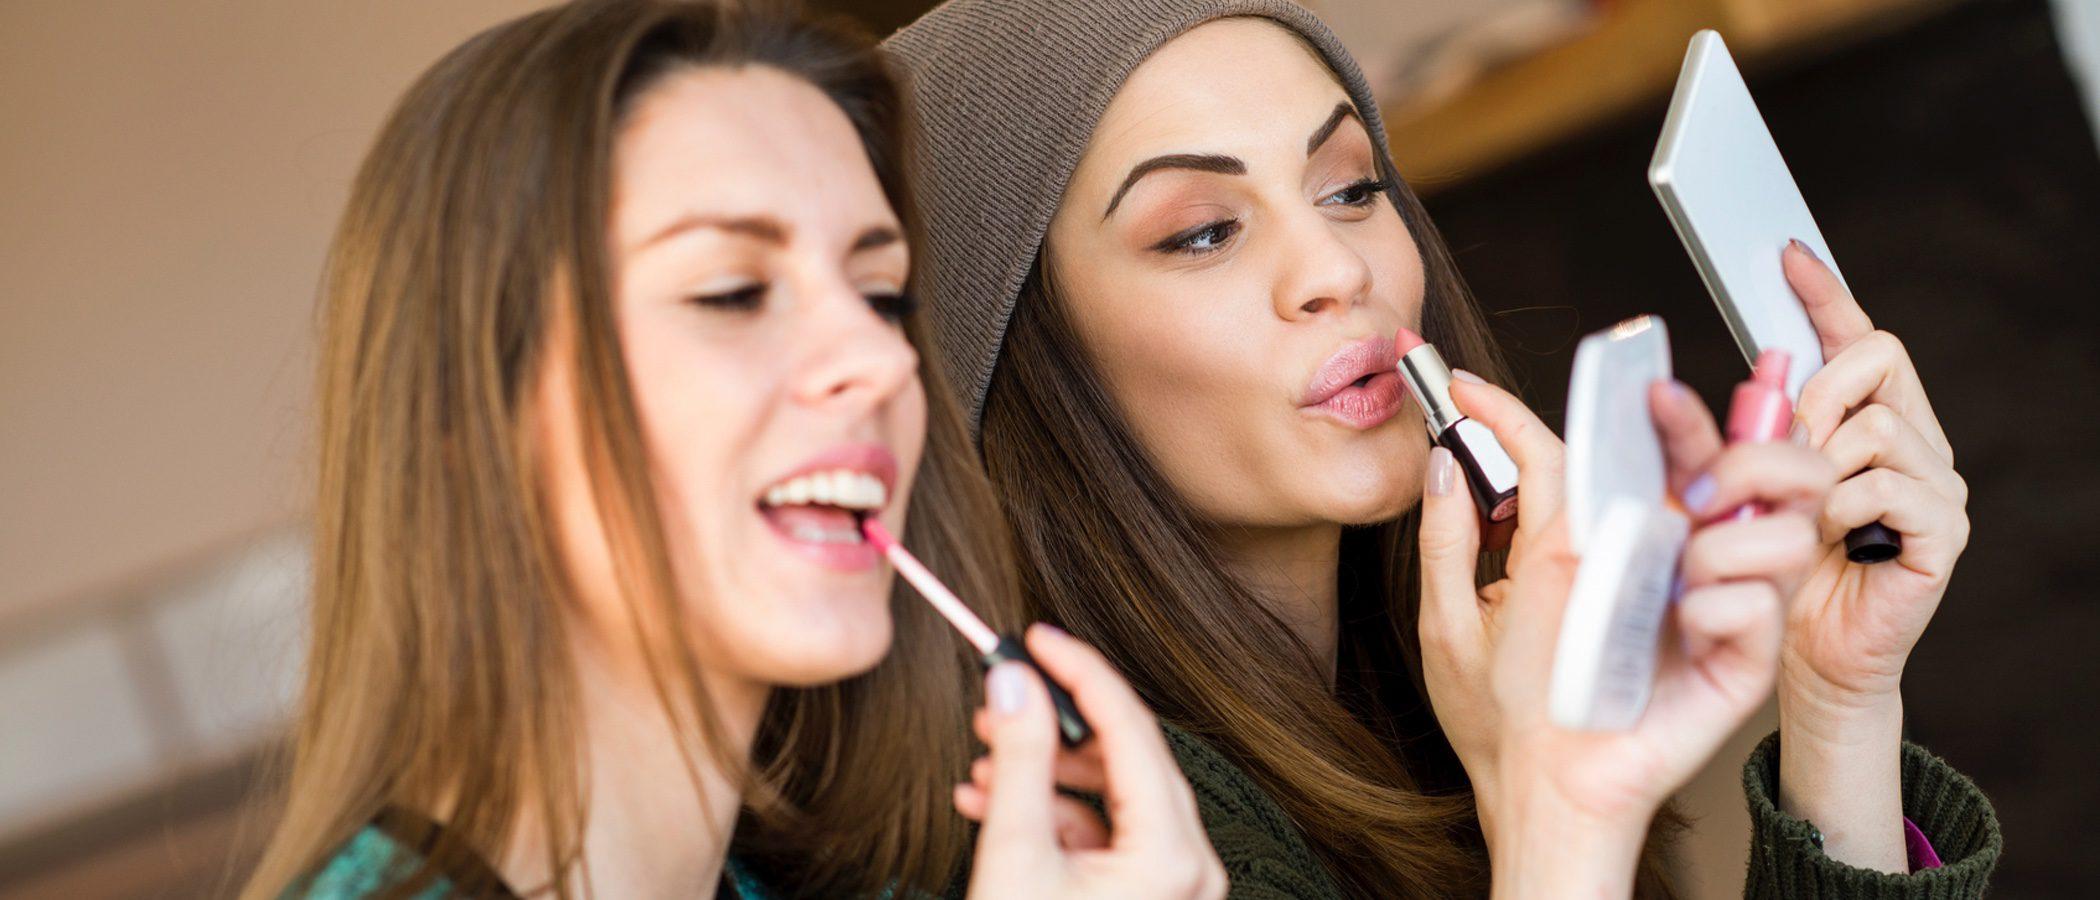 Cómo maquillarse el primer día de universidad